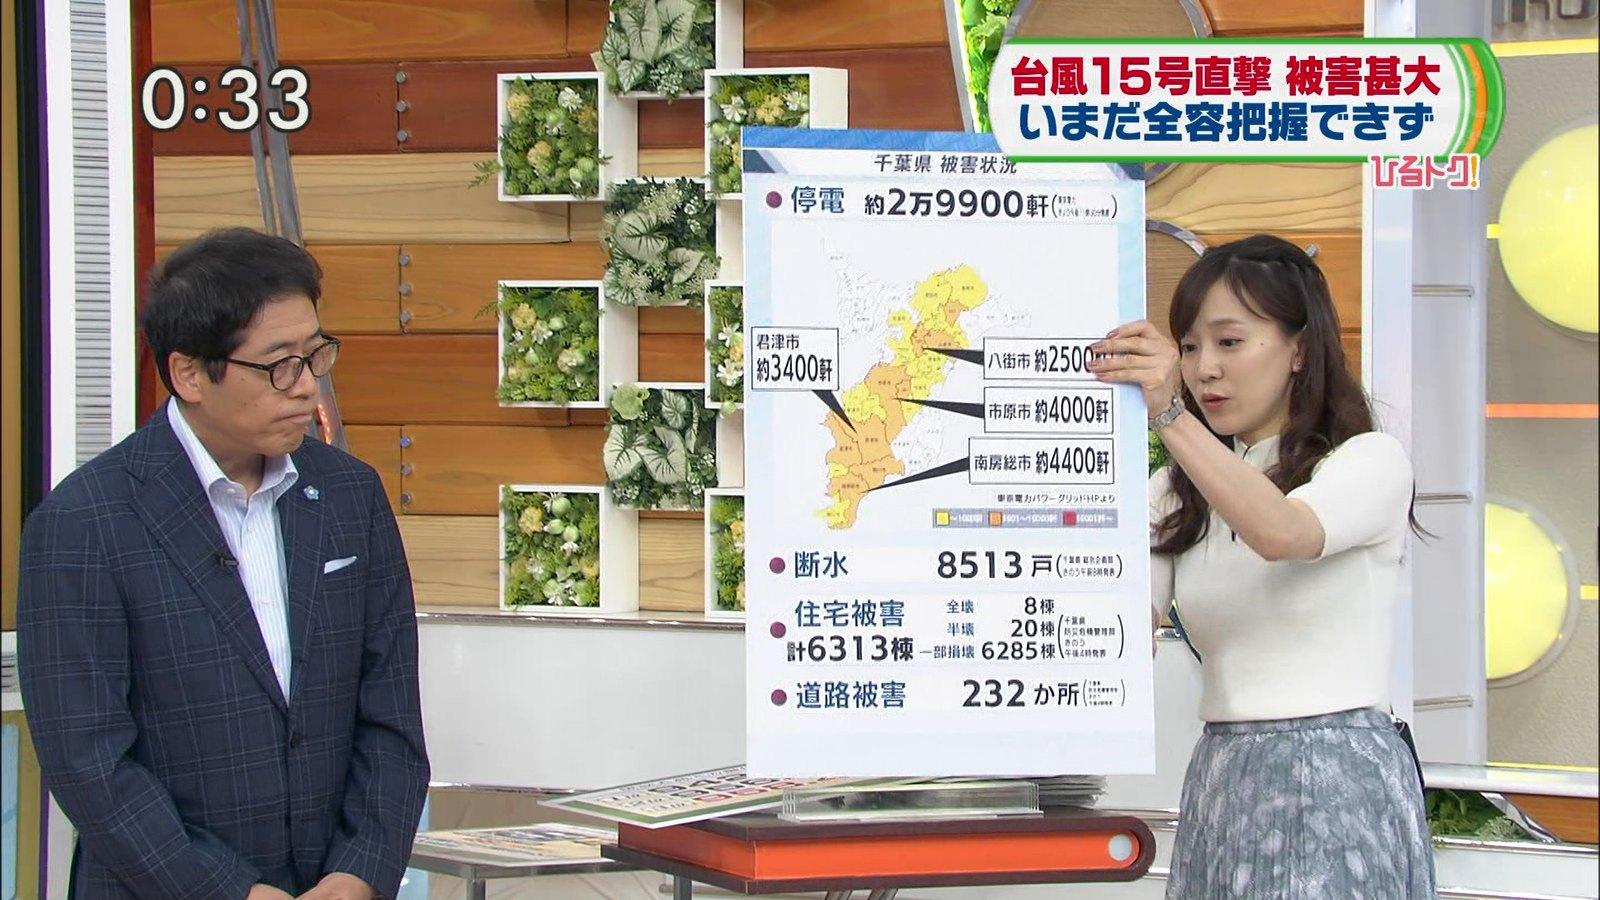 2019年9月19日に放送された「ひるおび!」に出演した女性アナウンサー・江藤愛さんのテレビキャプチャー画像-014